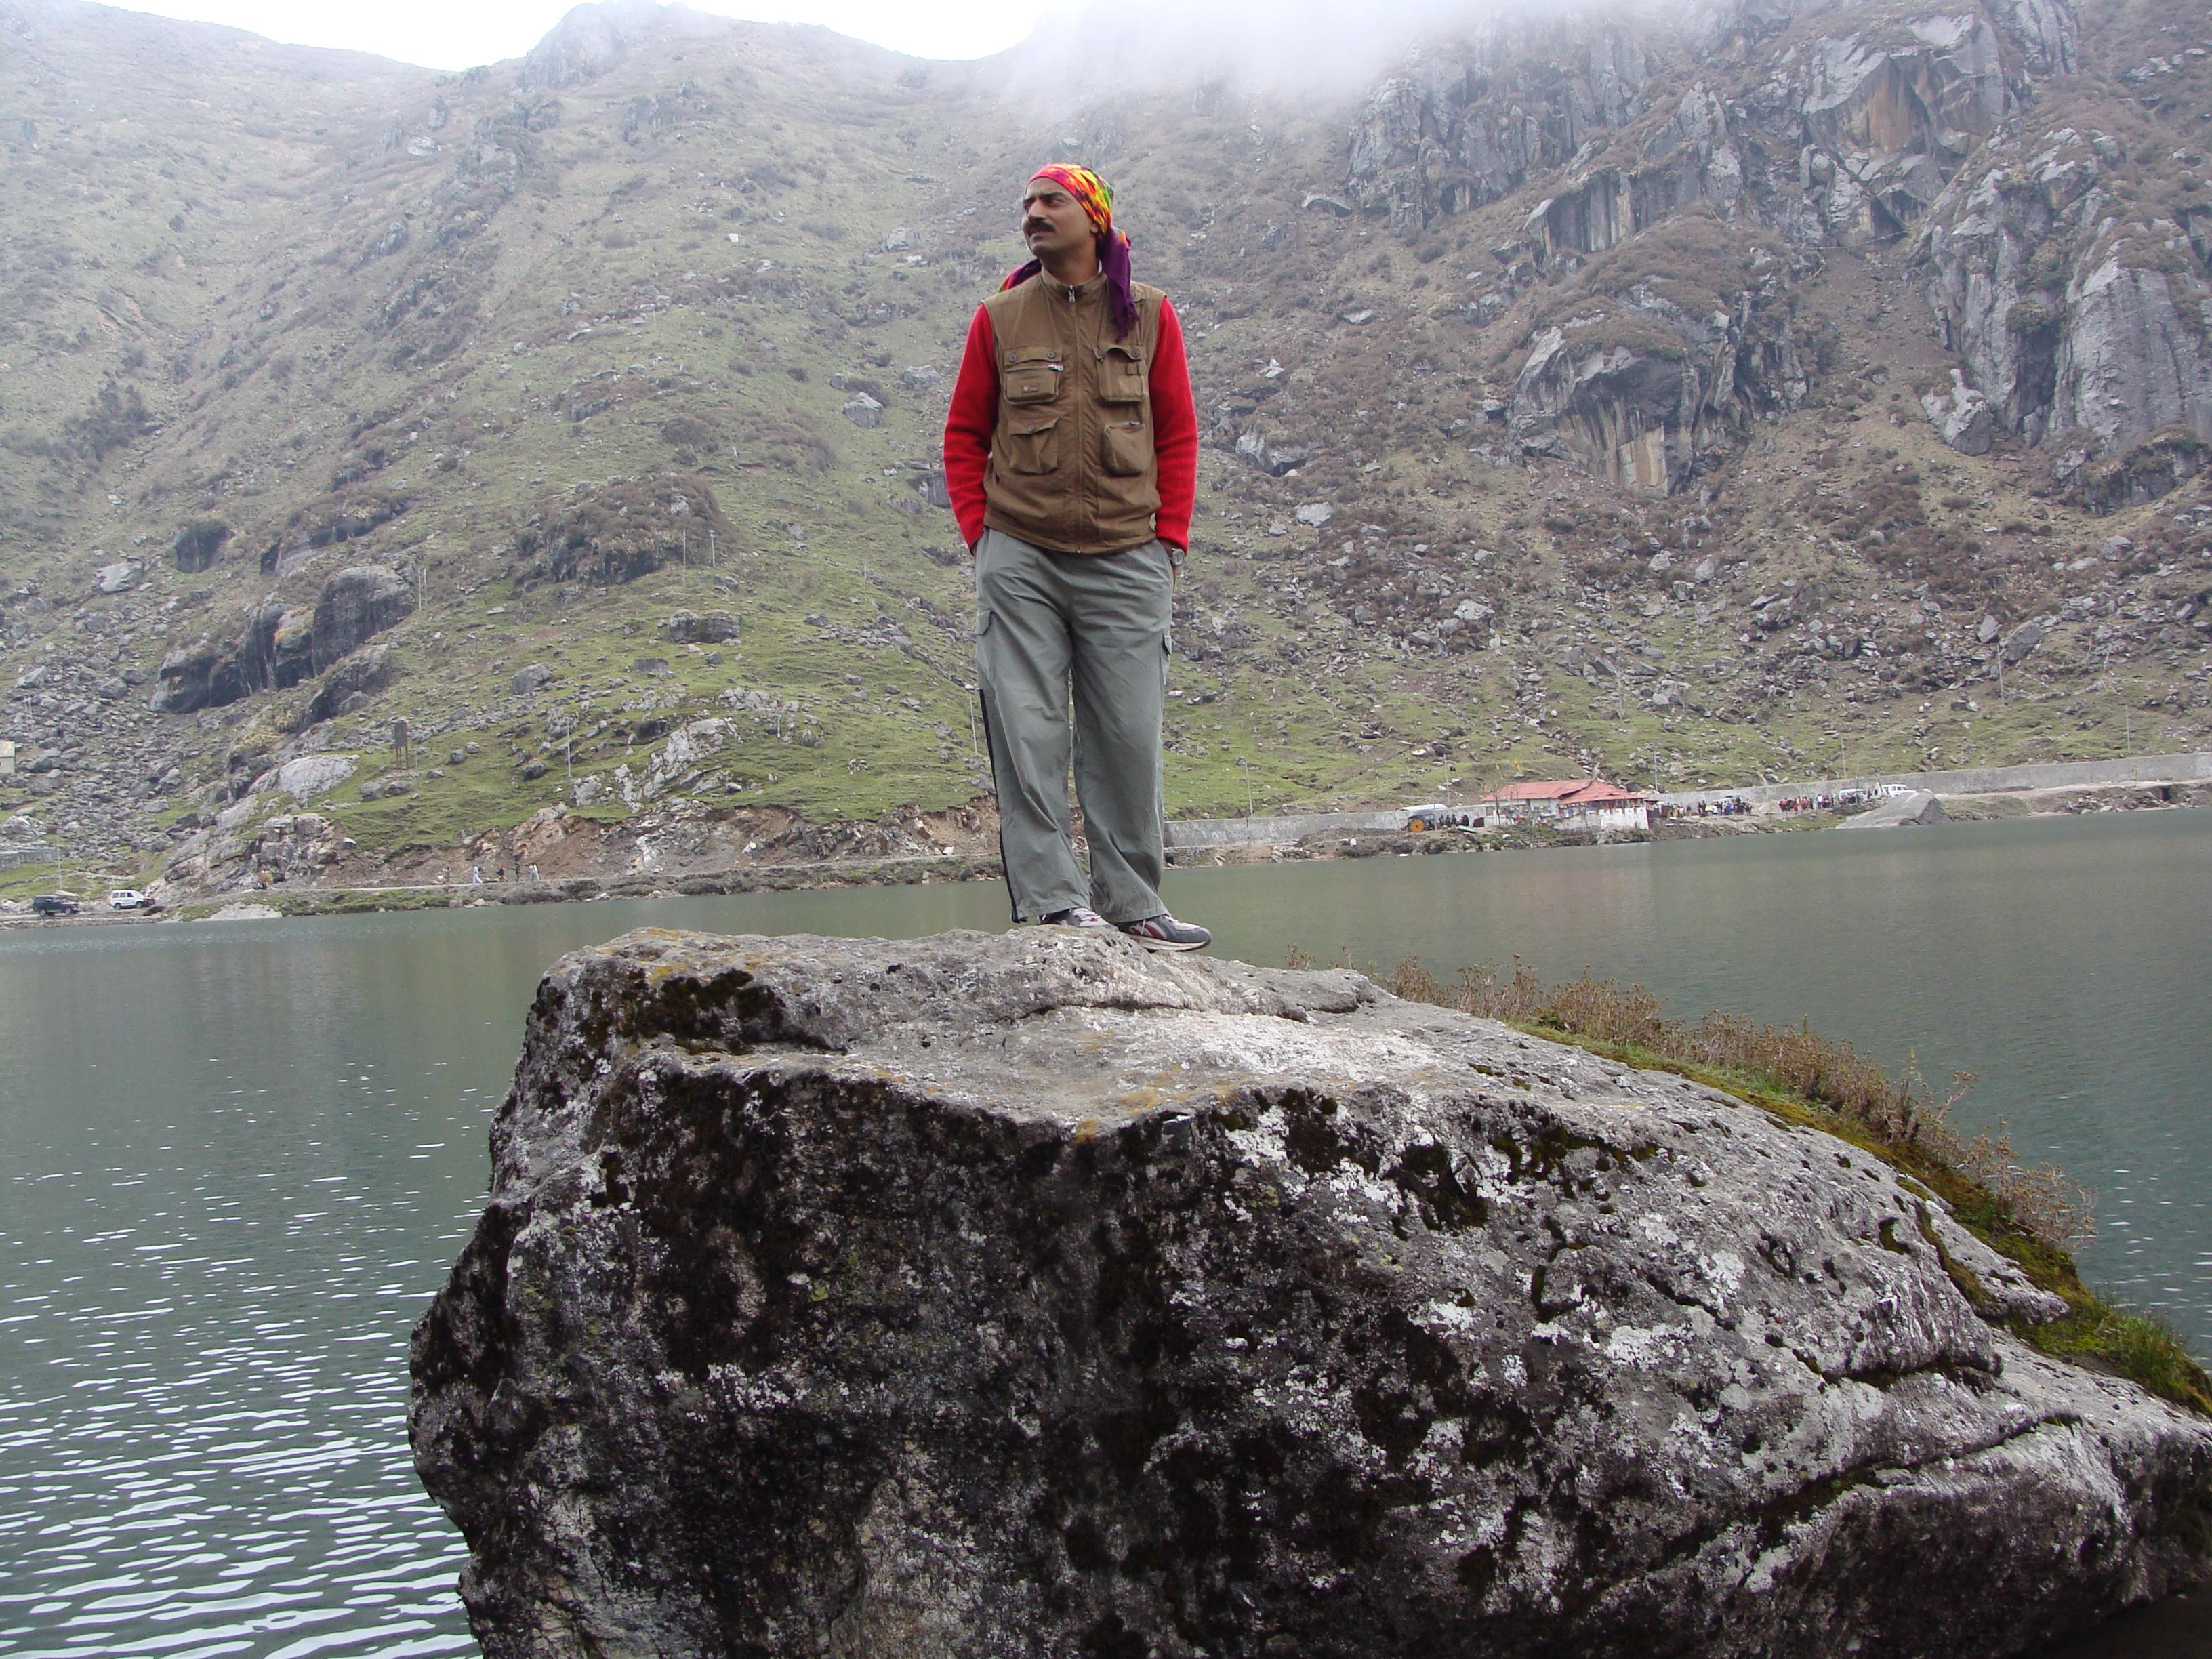 Height (12300 ft.) of Tsomgo lake